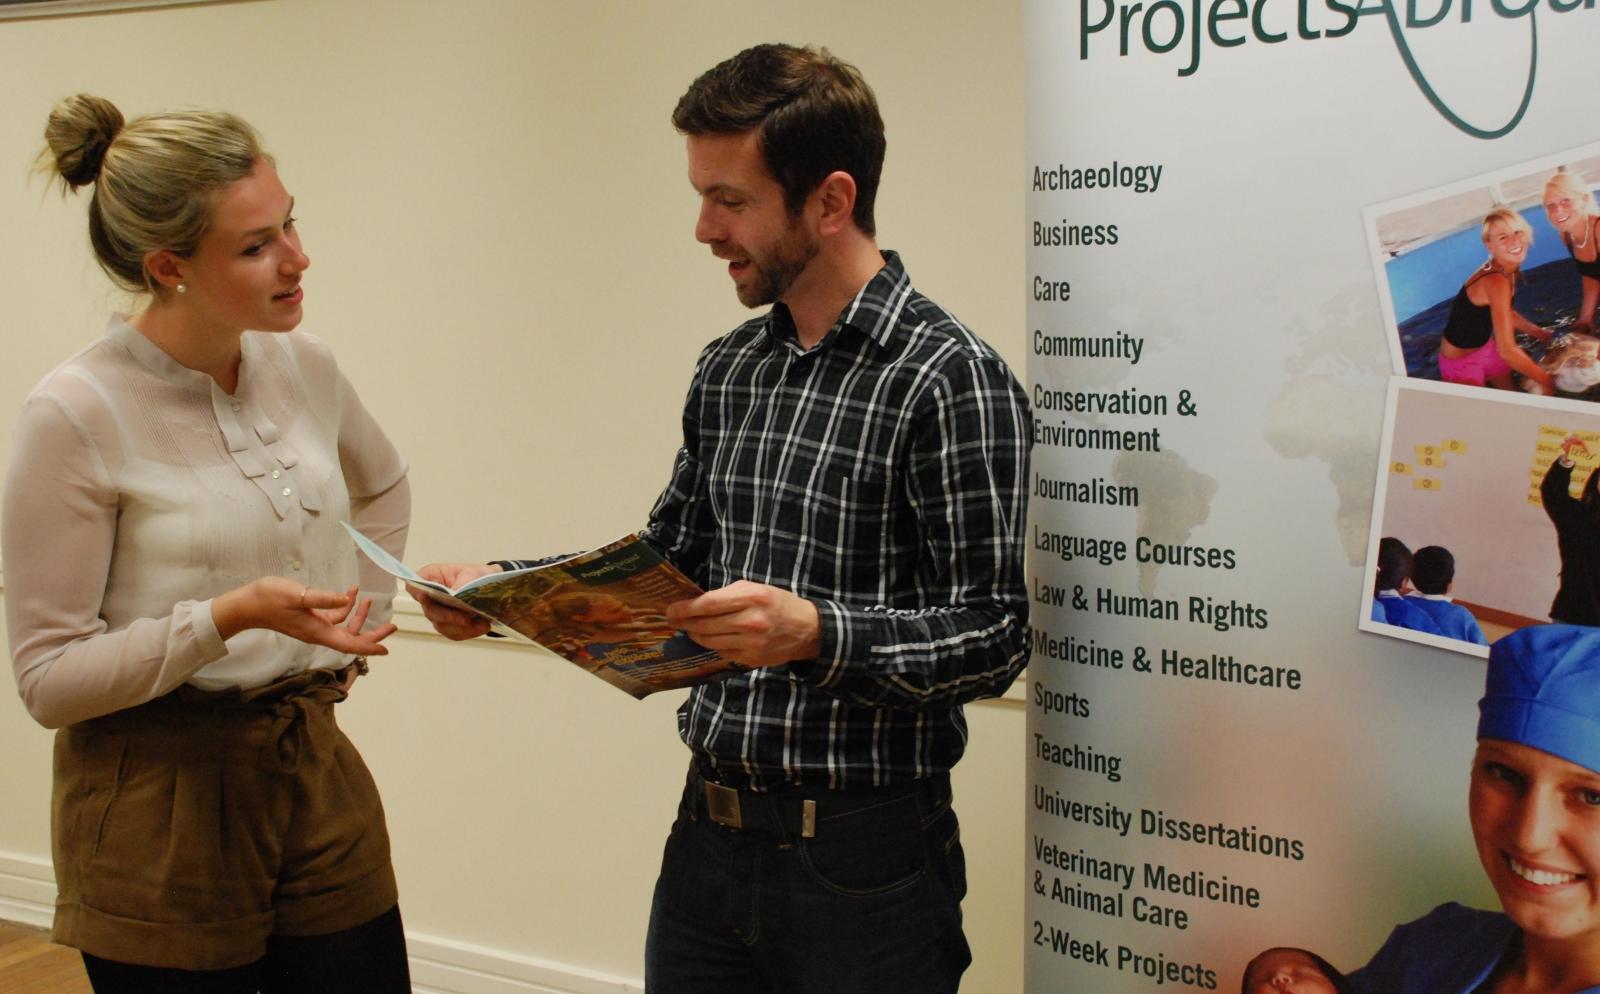 Un Project Expert aide une future volontaire à choisir le bon projet pour sa mission de volontariat ou stage à l'étranger